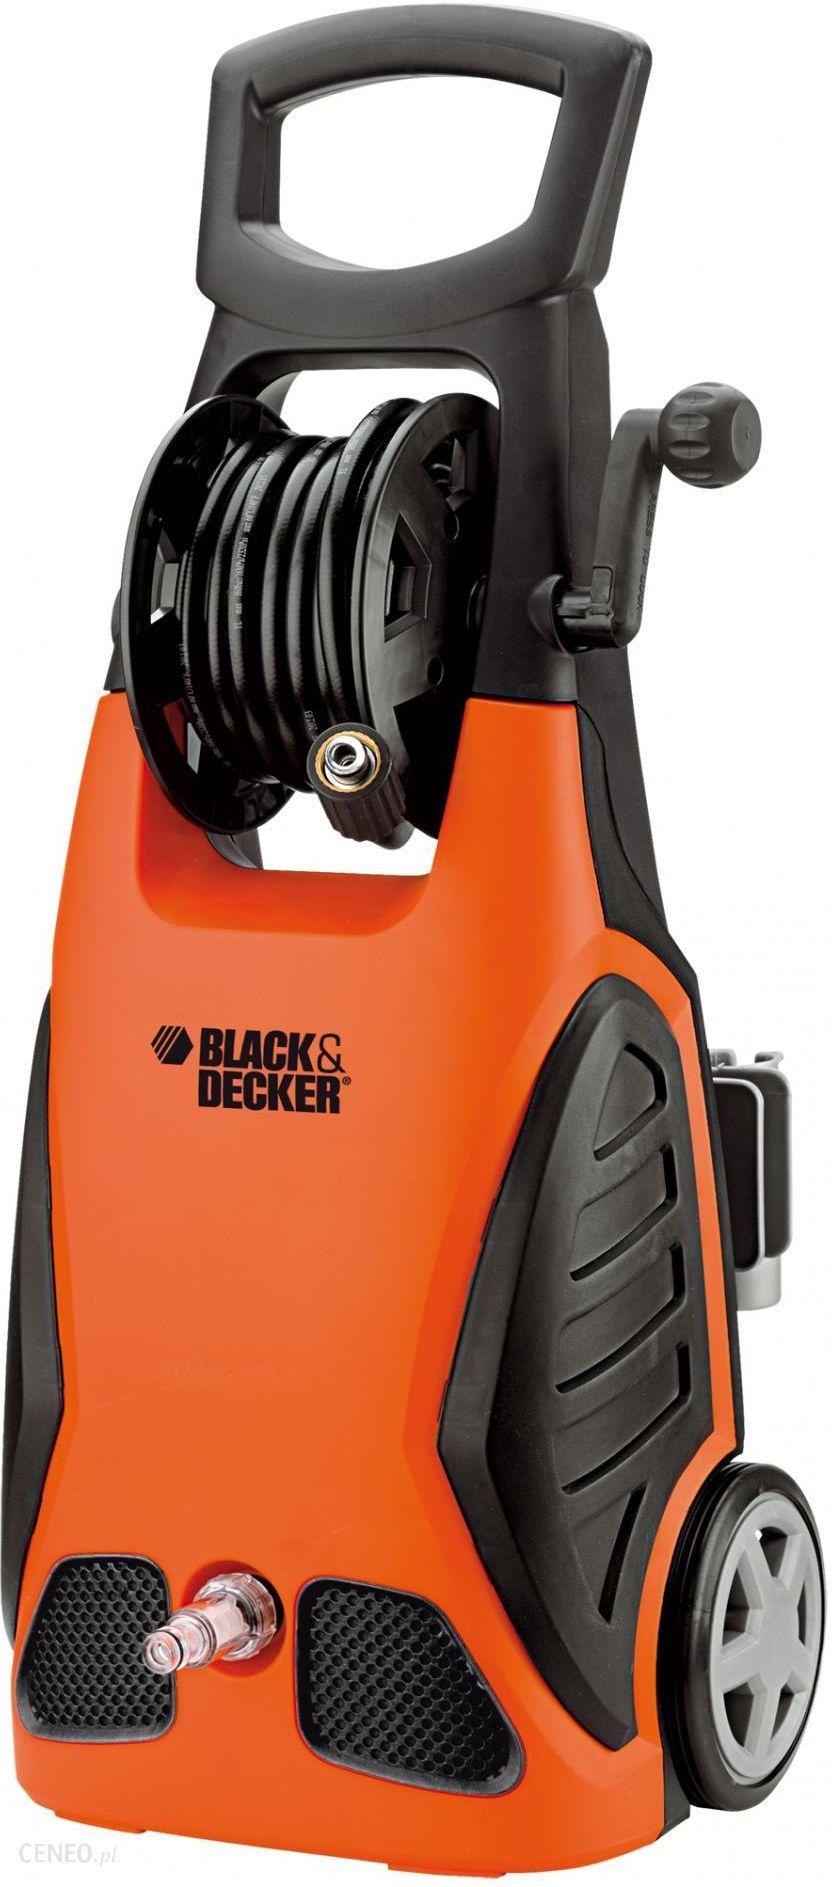 Black&Decker PW 1700 SPL